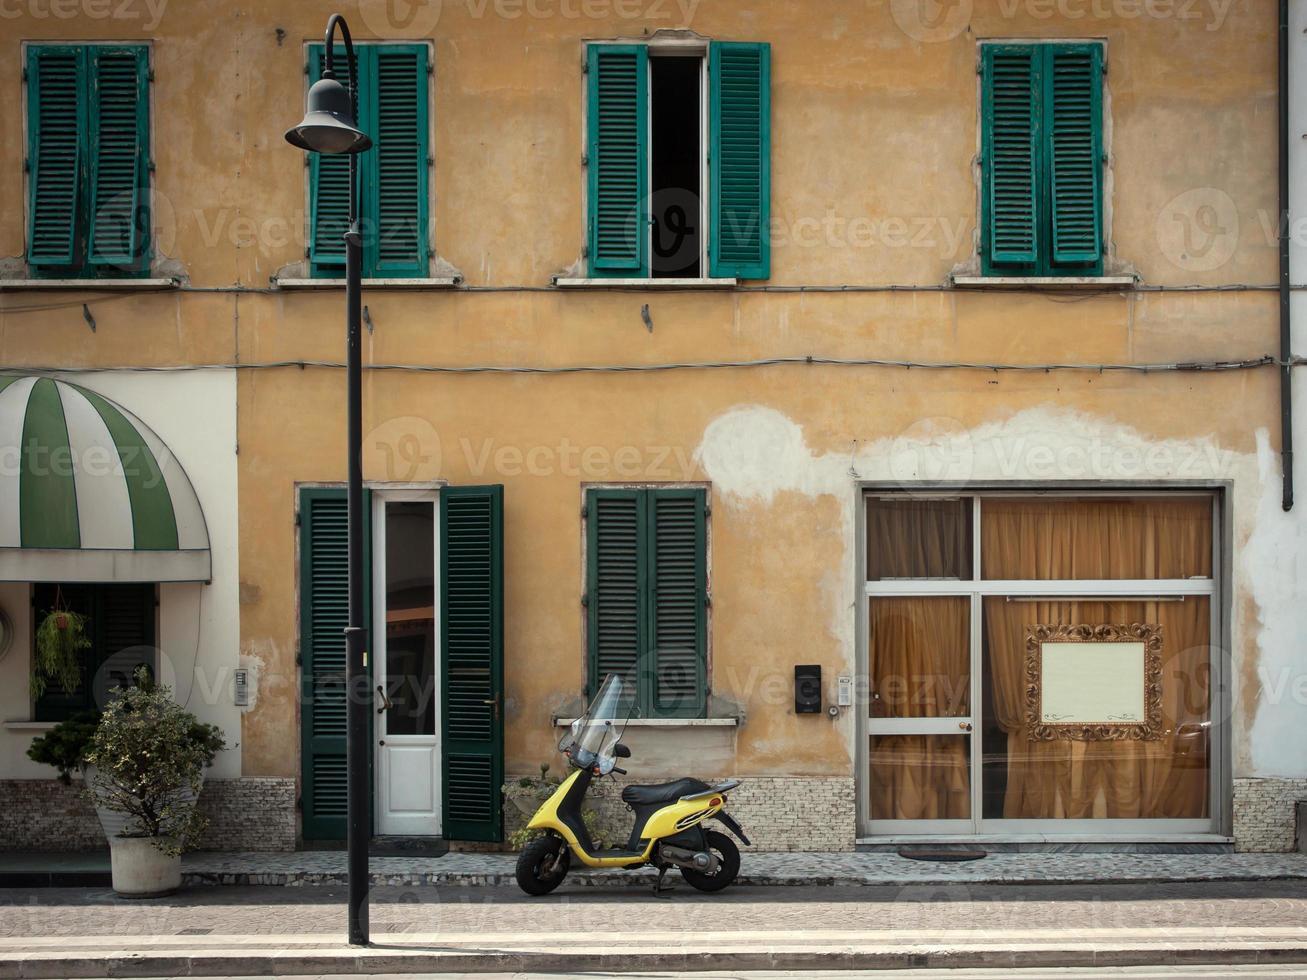 scooter na frente de uma loja foto